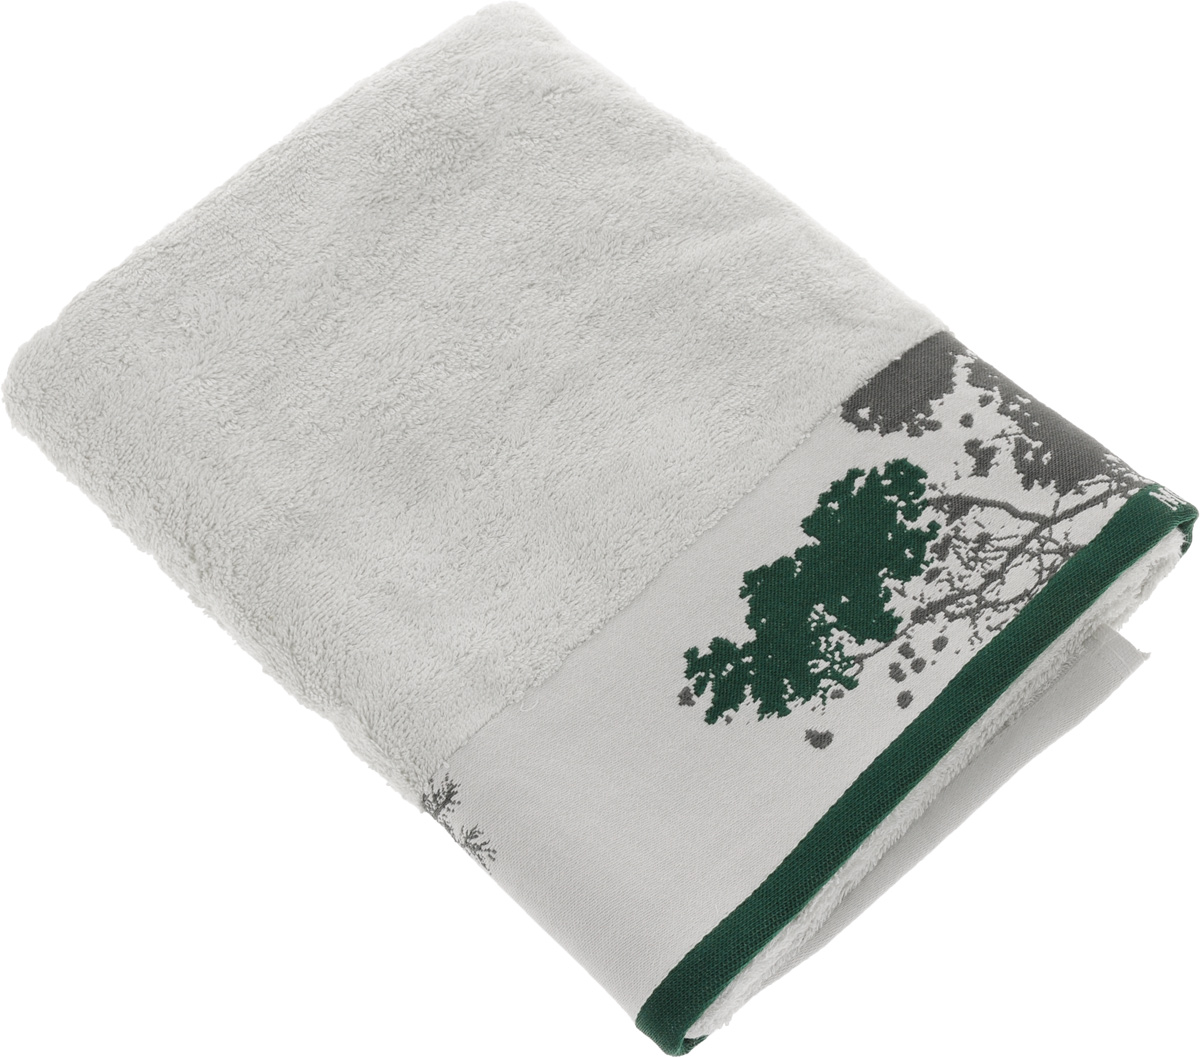 Полотенце Mona Liza Nature, цвет: светло-серый, зеленый, 70 х 140 см529674/2Мягкое полотенце Nature изготовлено из 30% хлопка и 70% бамбукового волокна. Полотенце Nature с жаккардовым бордюром обладает высокой впитывающей способностью и сочетает в себе элегантную роскошь и практичность. Благодаря высокому качеству изготовления, полотенце будет радовать вас многие годы. Мотивы коллекции Mona Liza Premium bu Serg Look навеяны итальянскими фресками эпохи Ренессанса, периода удивительной гармонии в искусстве. В представленной коллекции для нанесения на ткань рисунка применяется многоцветная печать, метод реактивного крашения, который позволяет создать уникальную цветовую гамму, напоминающую старинные фрески. Этот метод также обеспечивает высокую устойчивость краски при стирке.